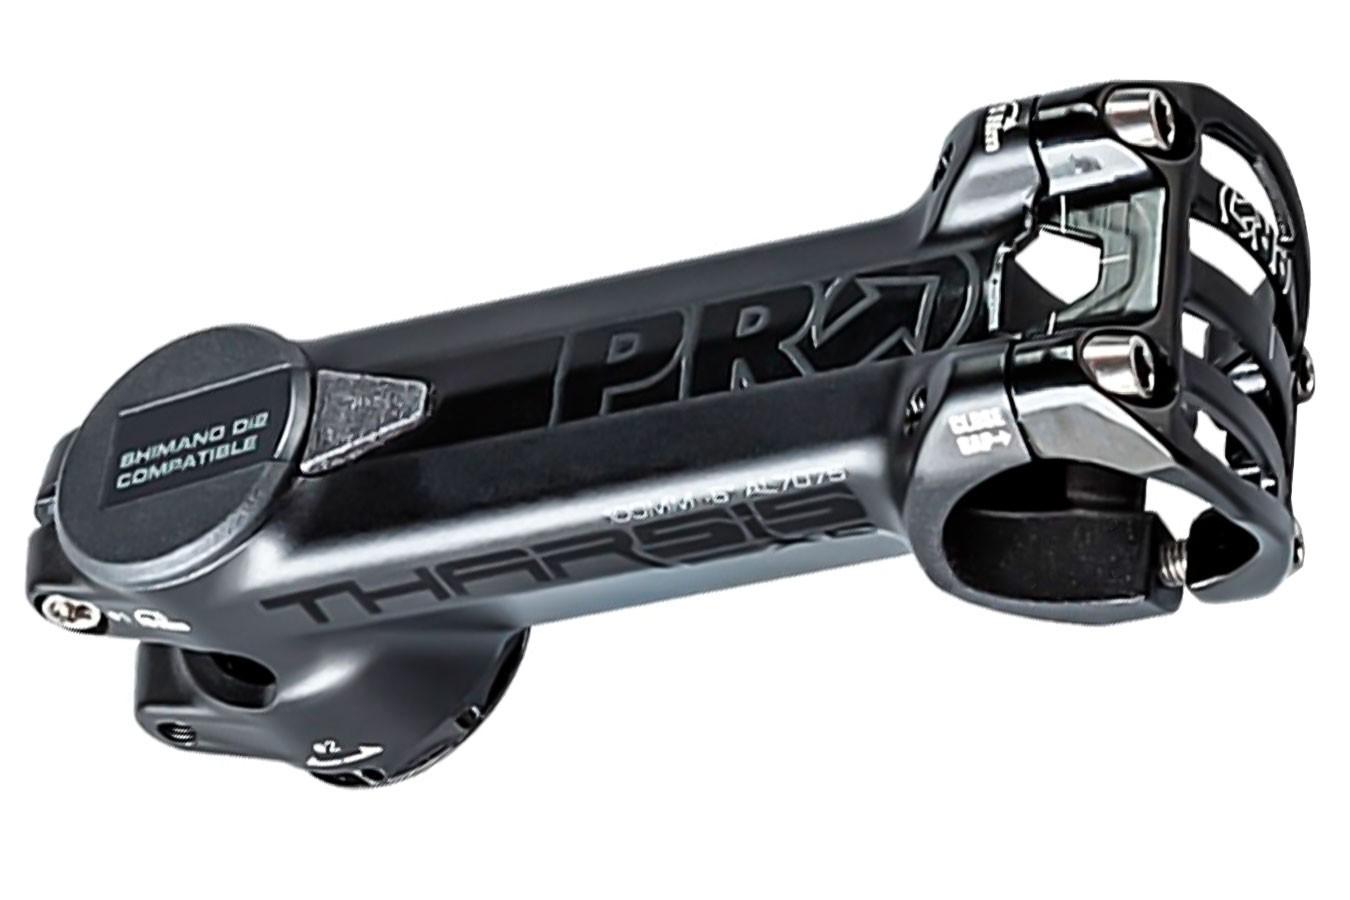 Alumínio 31,8mm Tharsis XC -6º - Pro